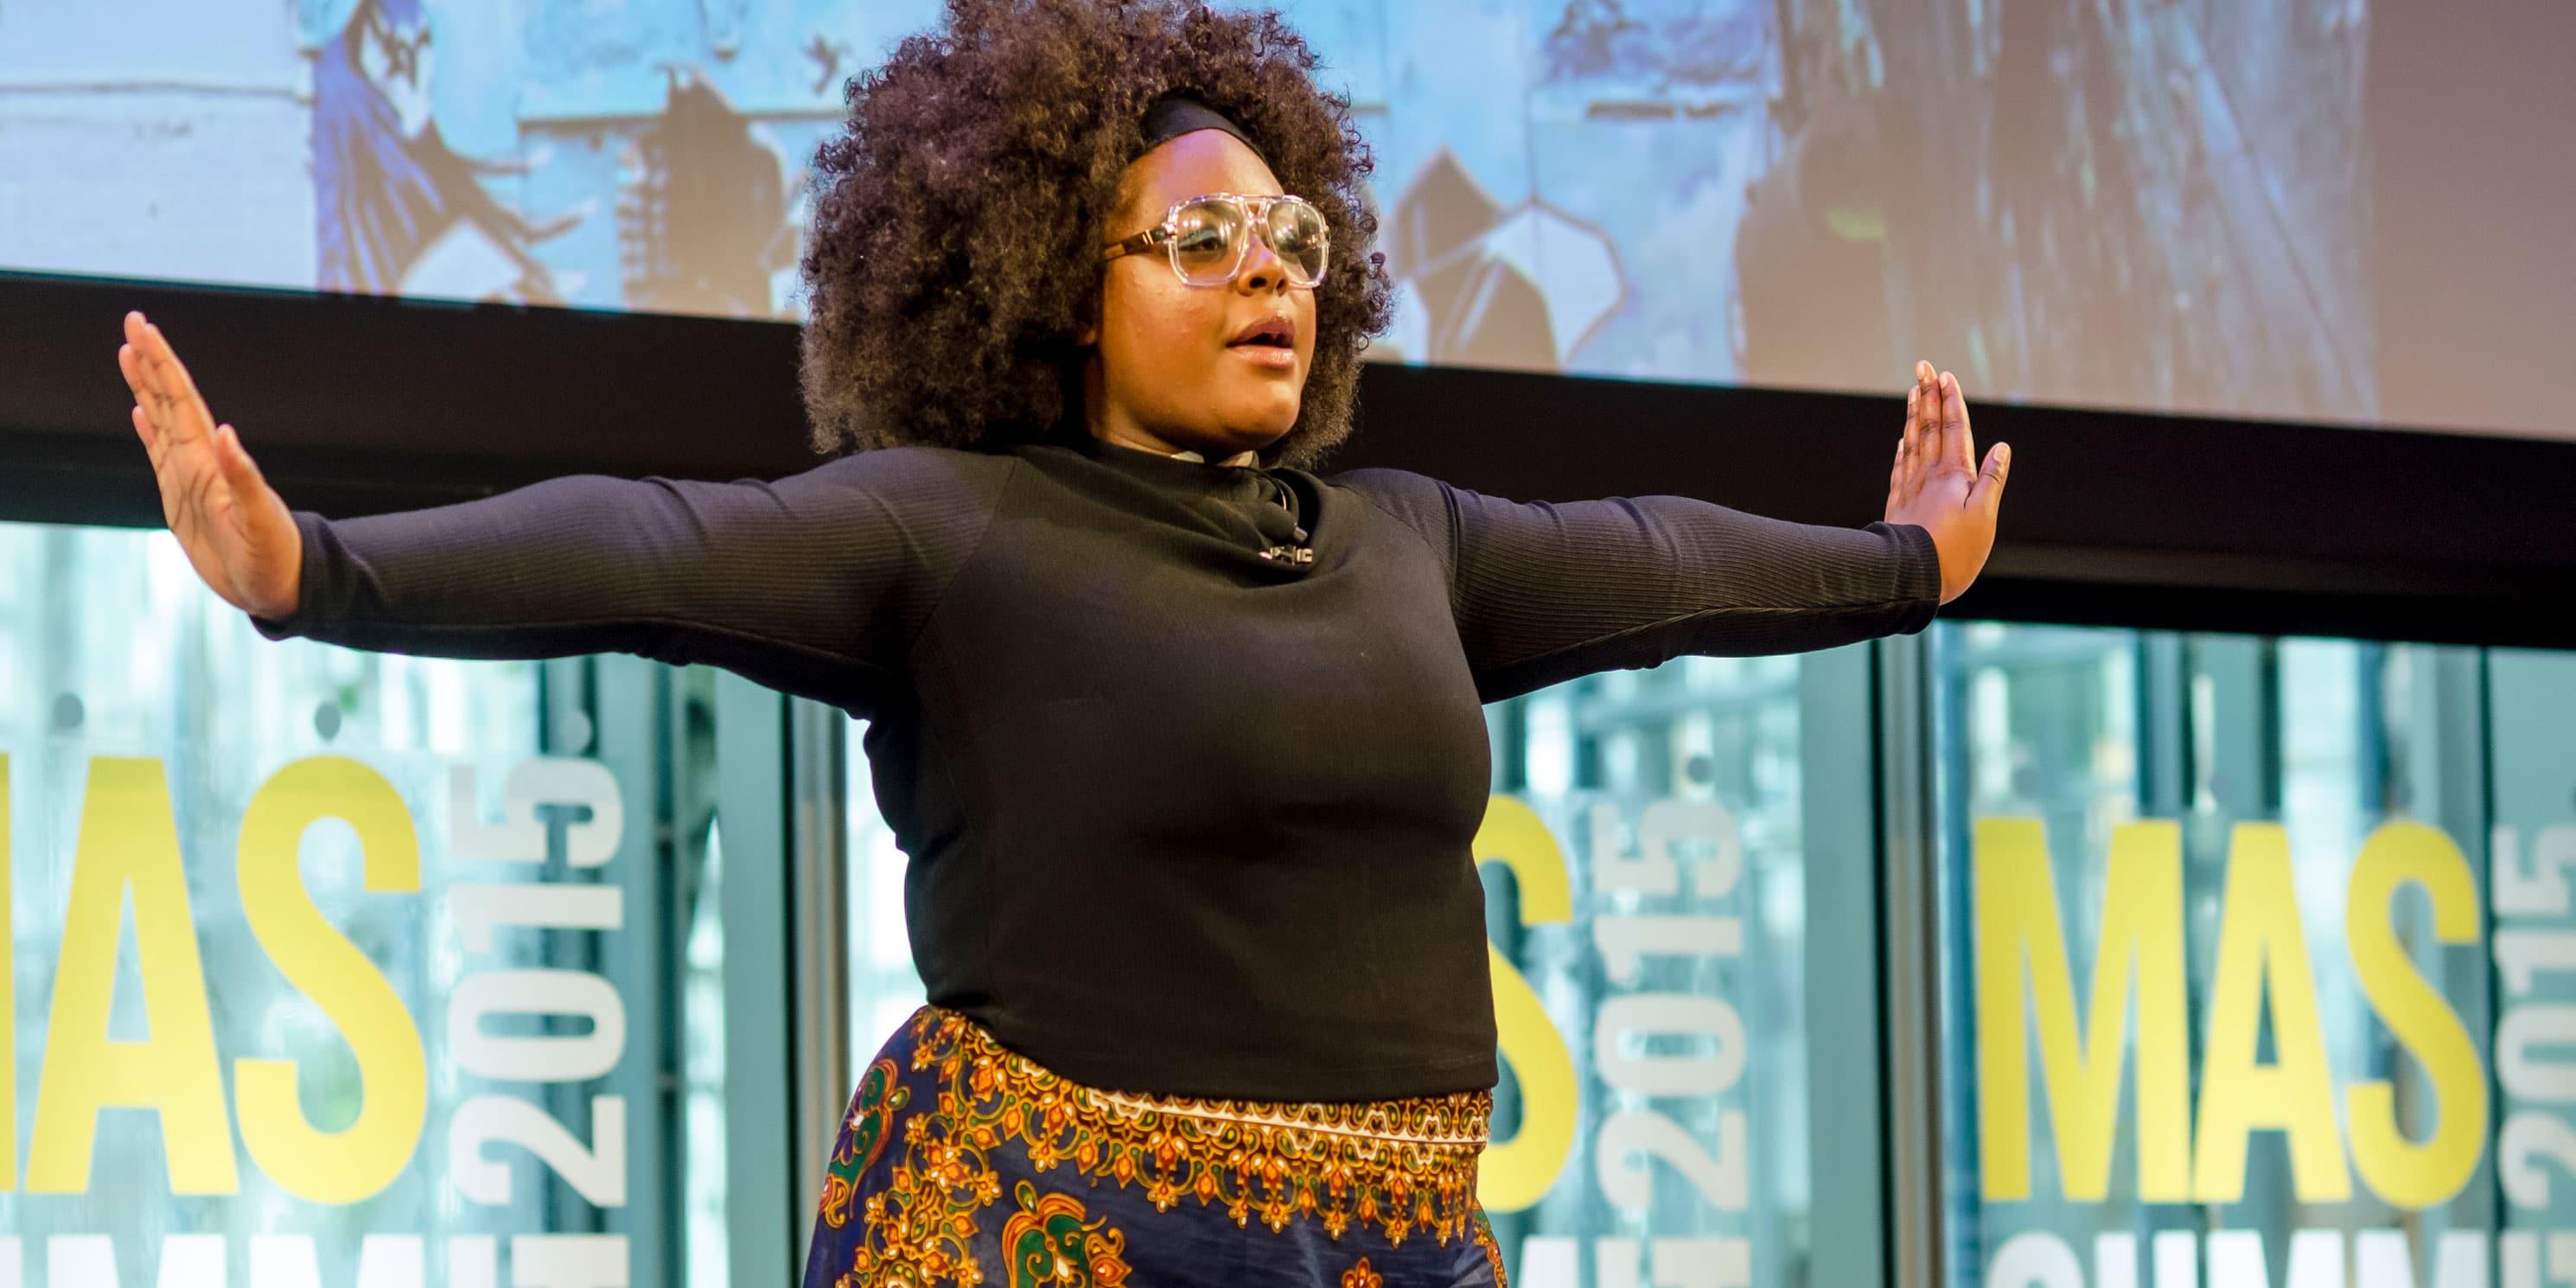 Poet Alyssa Saunders on stage at the Summit